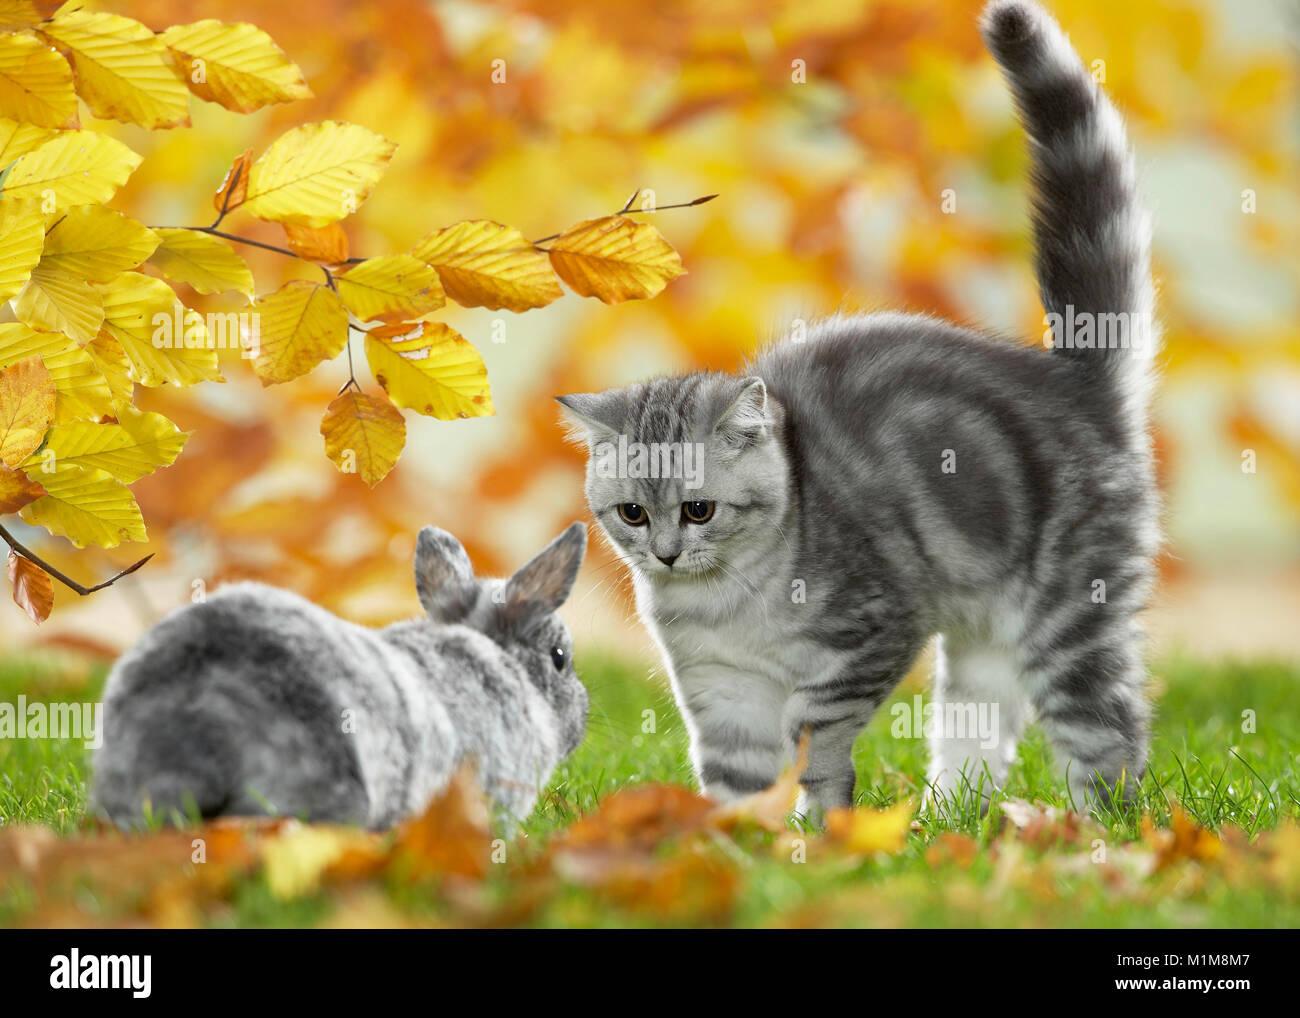 British Shorthair Gatto e coniglio nano. Tabby gattino e bunny riuniti in un giardino in autunno, Germania Immagini Stock